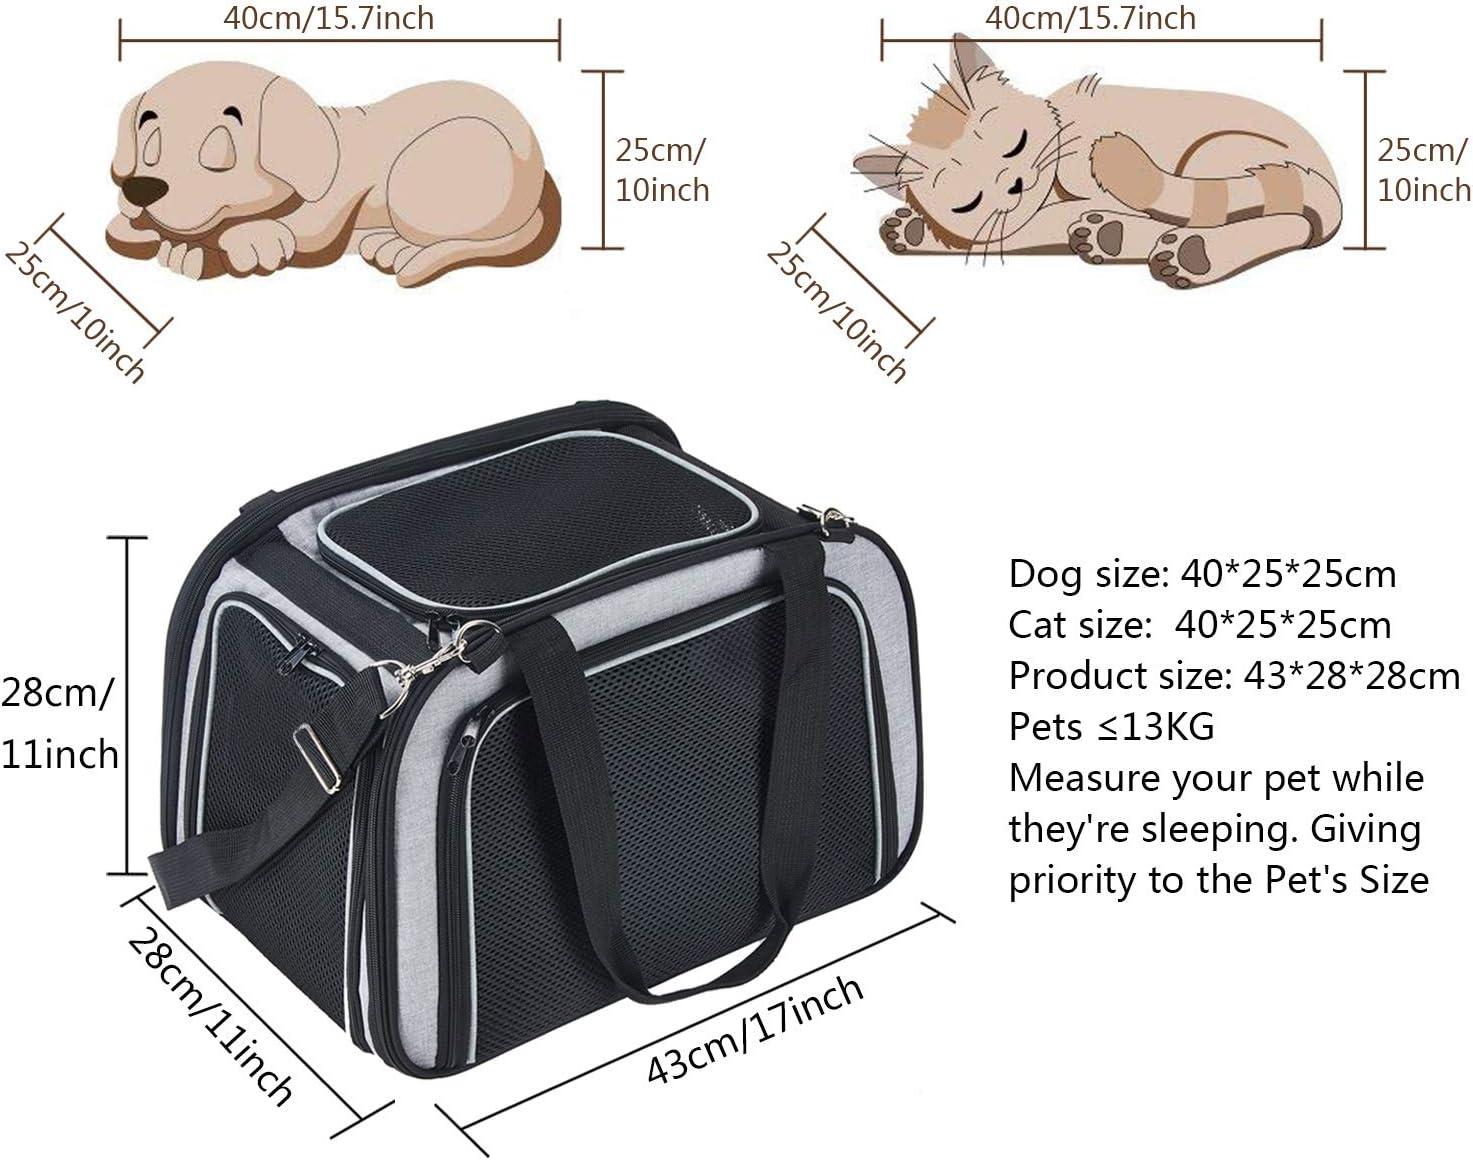 PETTOM Trasportino Cane Gatto Pet Carrier Pieghevole Impermeabile Borsa Tracolla Imbottito Morbido Viaggio in Aereo Auto Treno per Animale Taglia Piccola 43 * 28 * 28 cm, Grigio + Nero